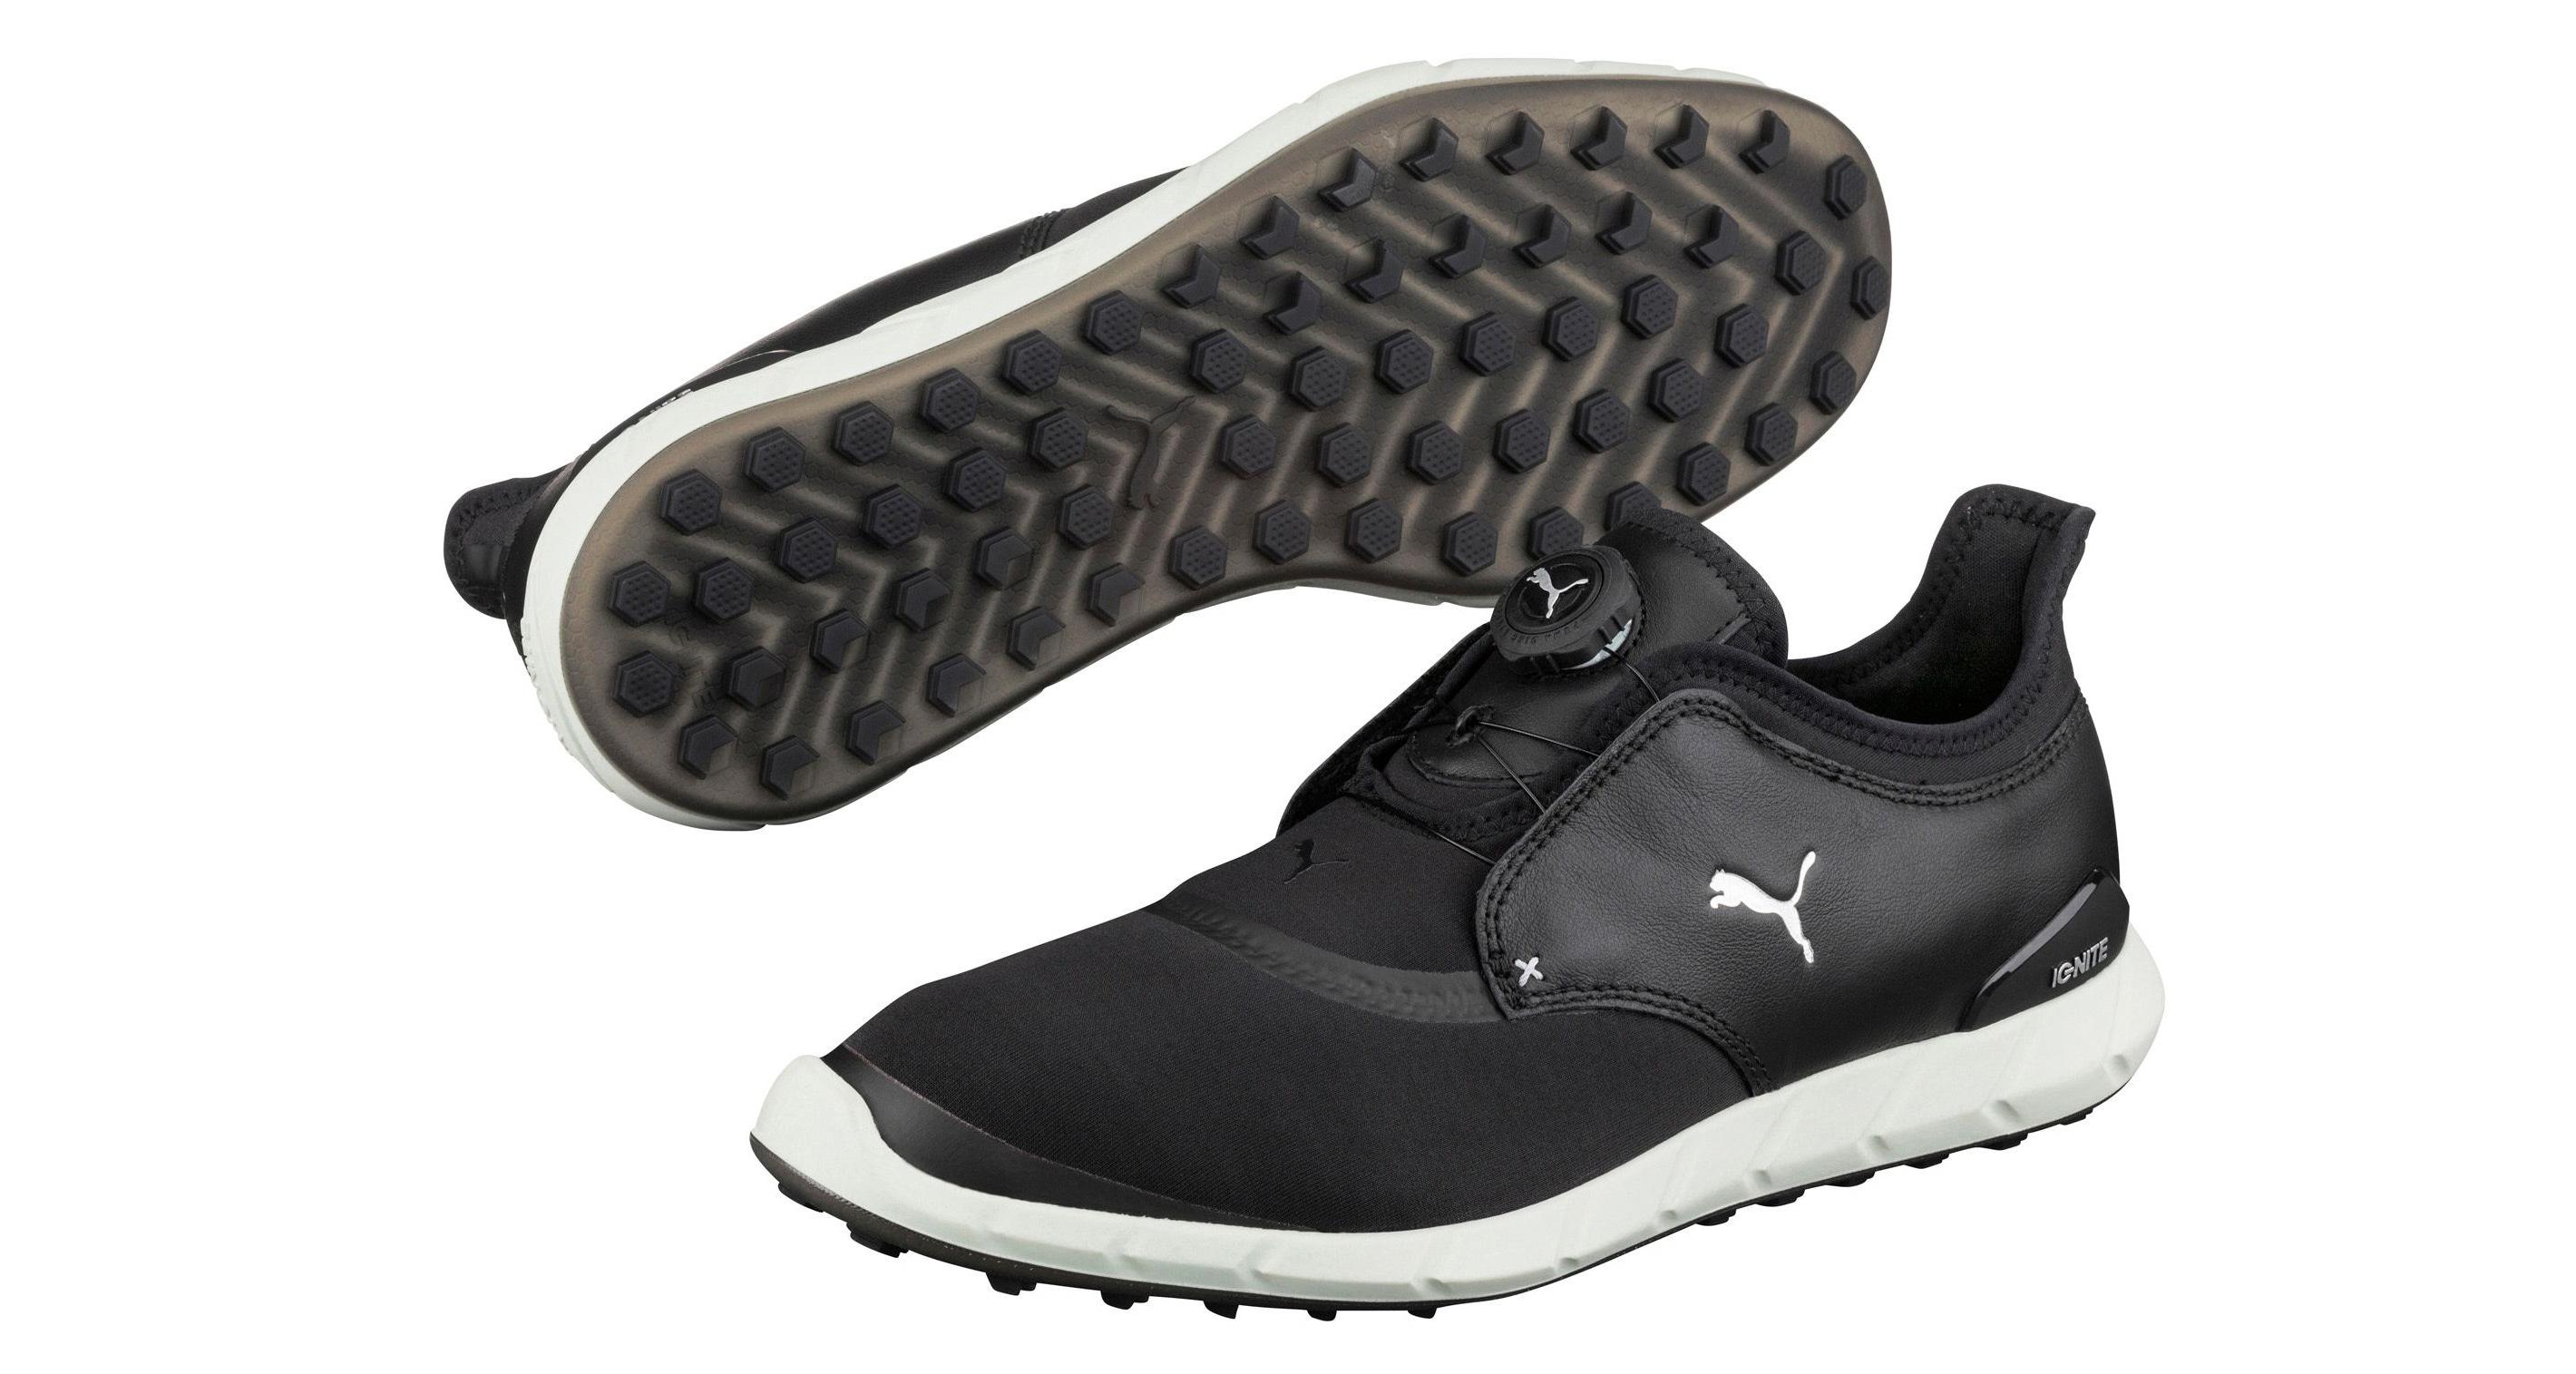 puma ignite spikeless sport disc golf shoe review